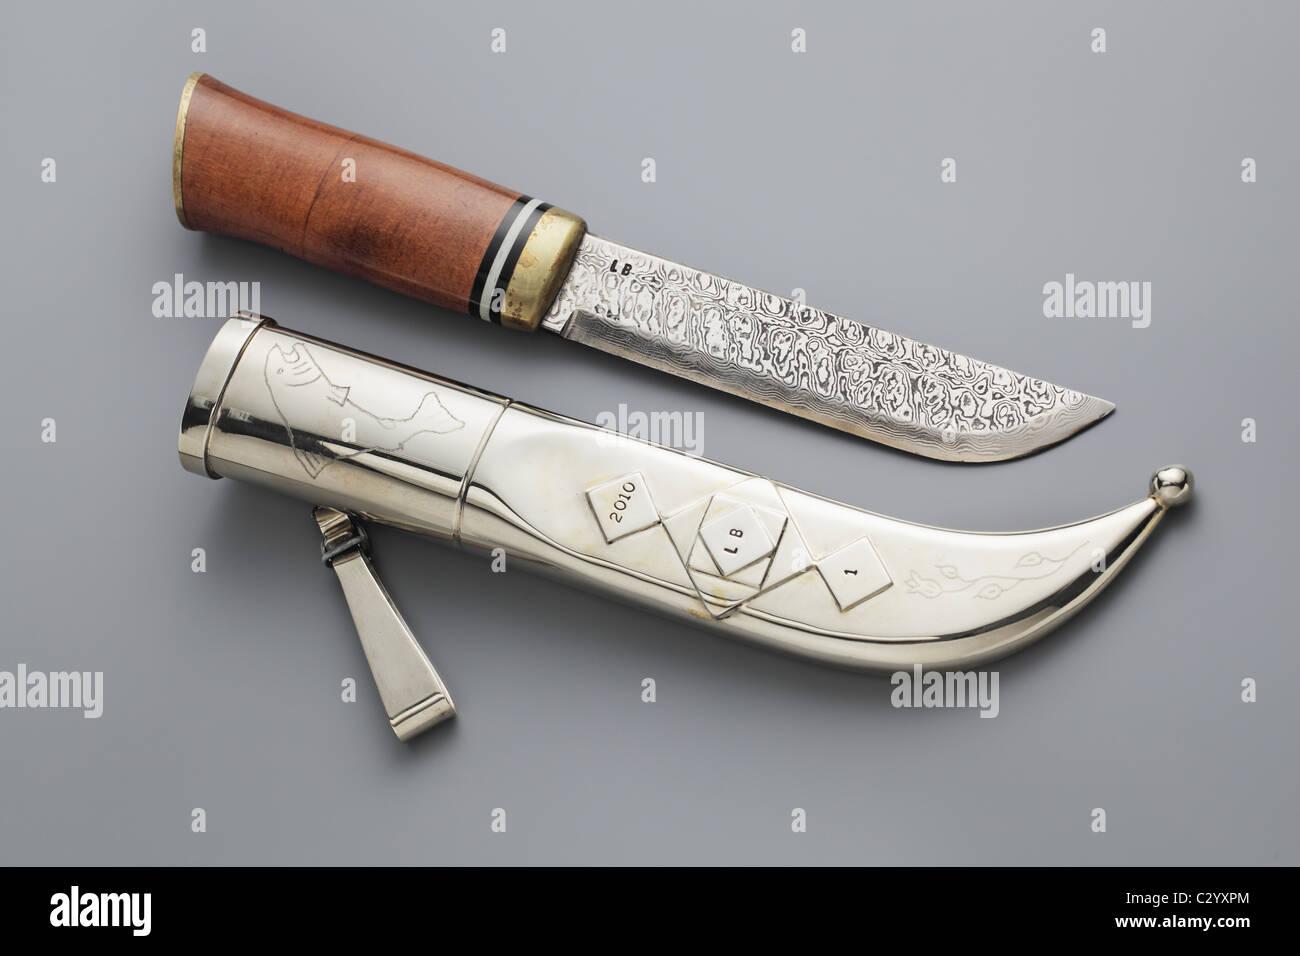 Handmade Puukko – Arpf